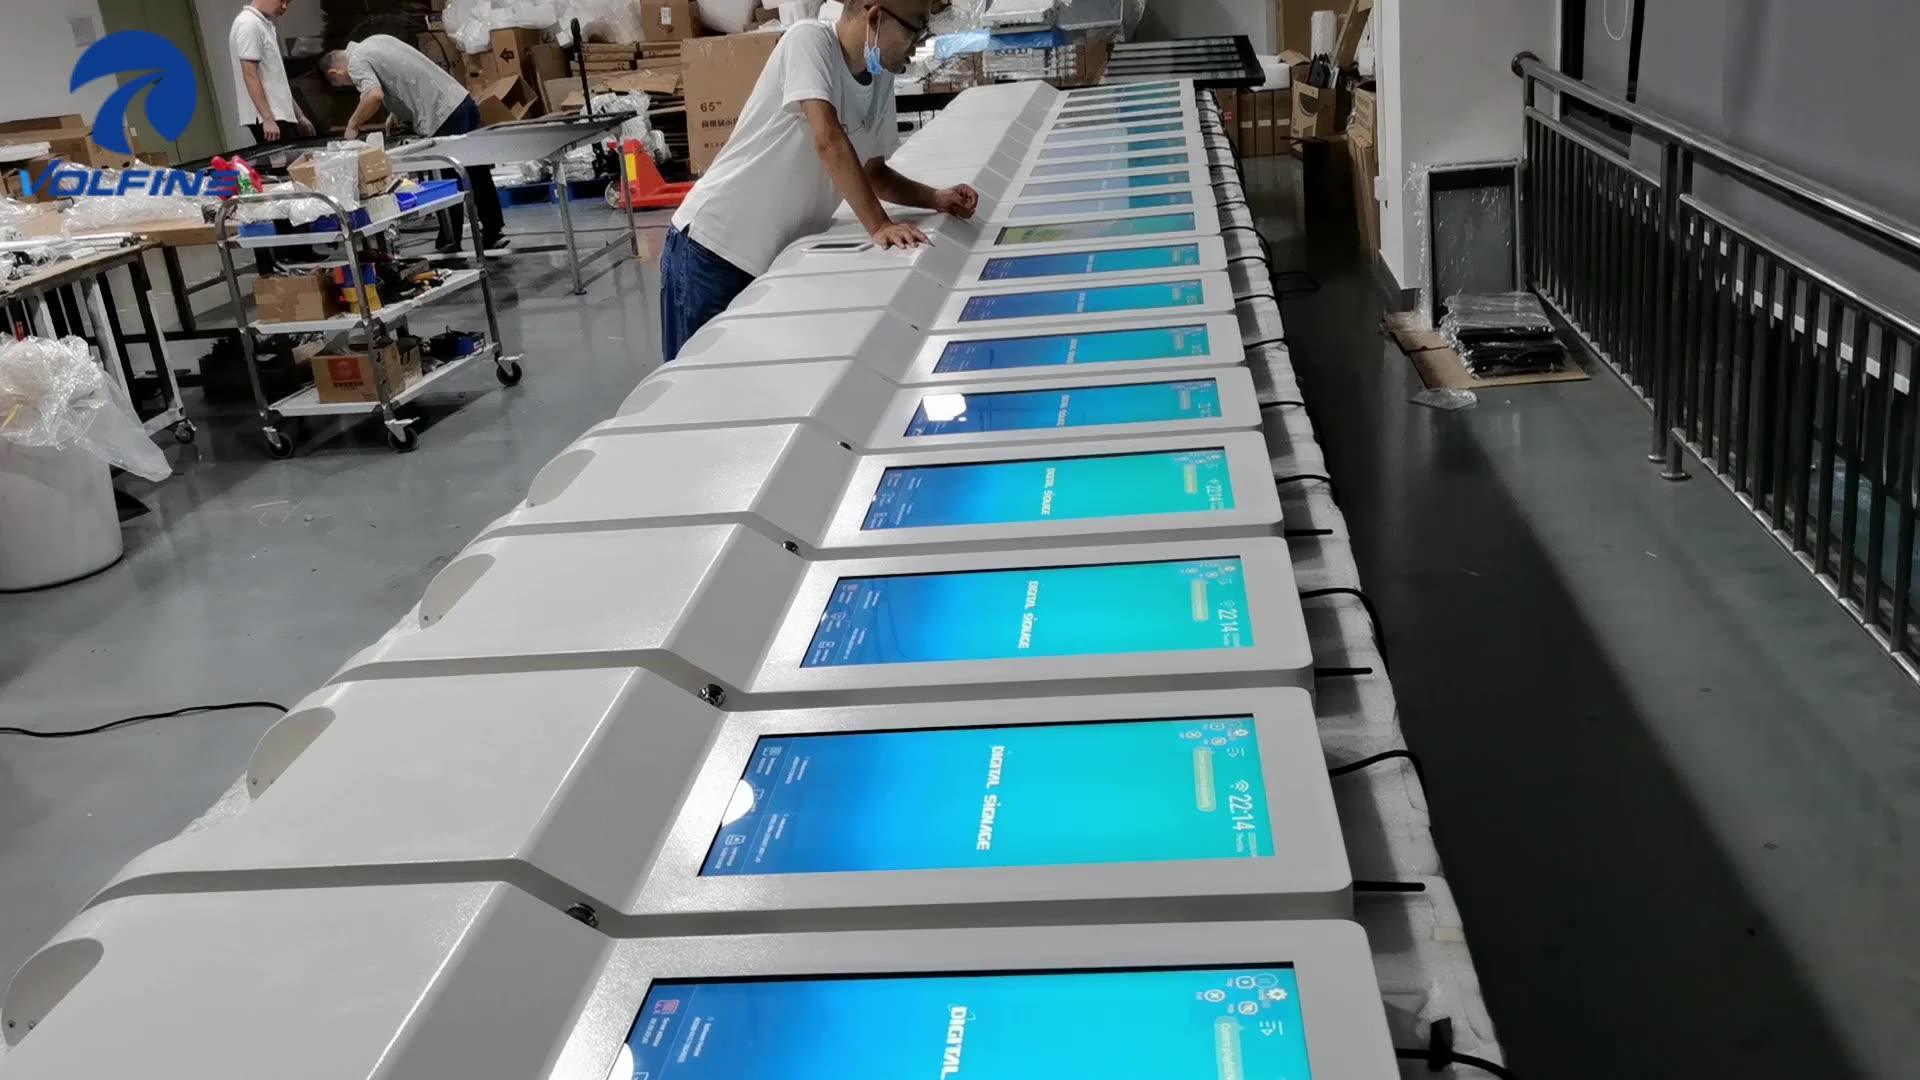 21.5 インチ自動 1000/3000 ミリリットルゲルアルコール泡消毒機キオスク赤外線電子自動ハンド消毒ディスペンサー